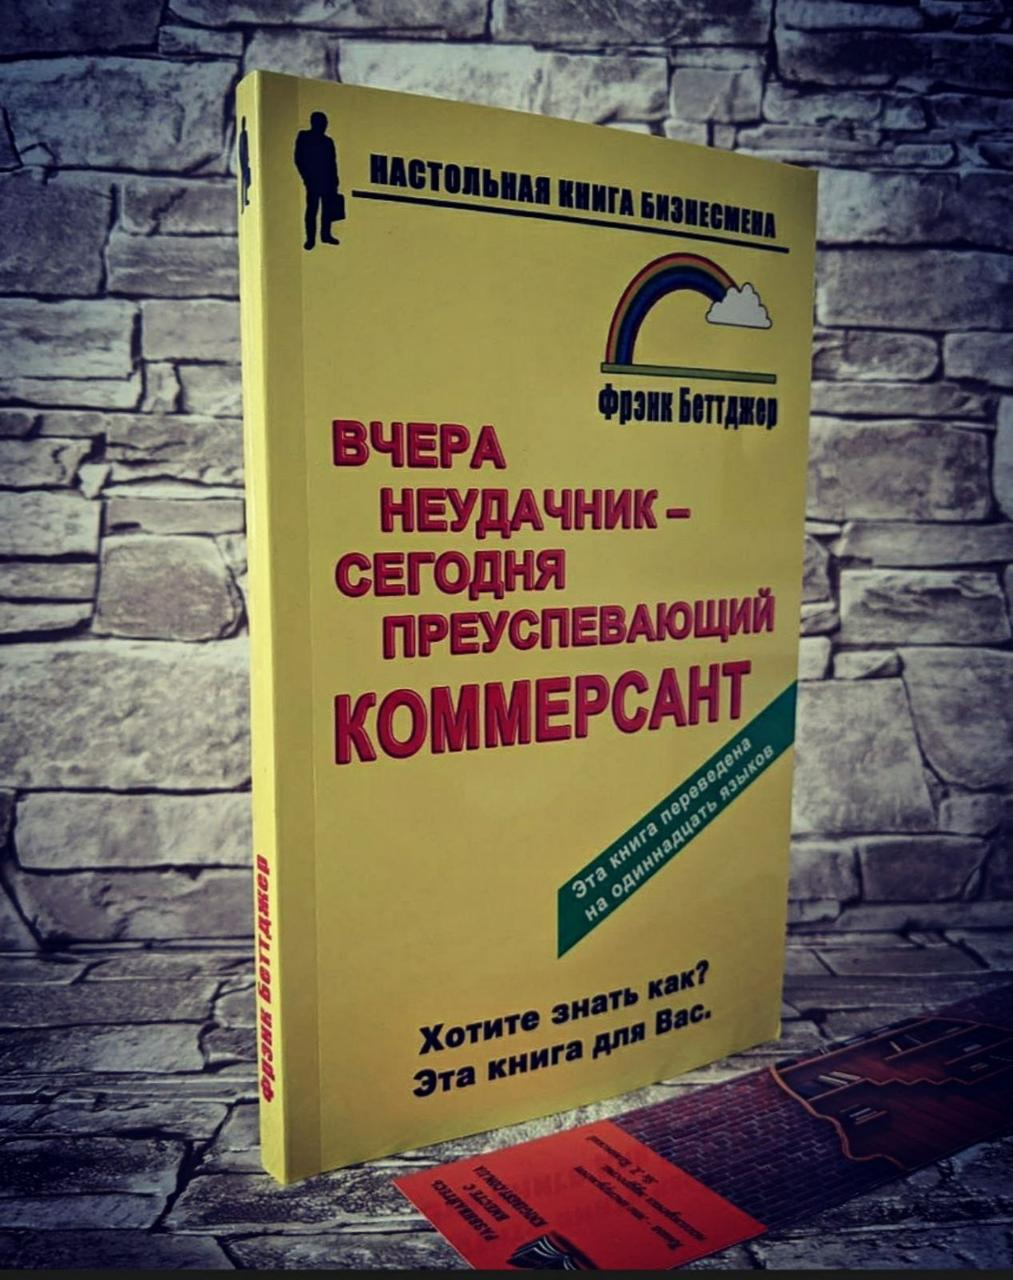 """Книга """"Вчера неудачник - сегодня преуспевающий коммерсант"""" Фрэнк Беттджер"""